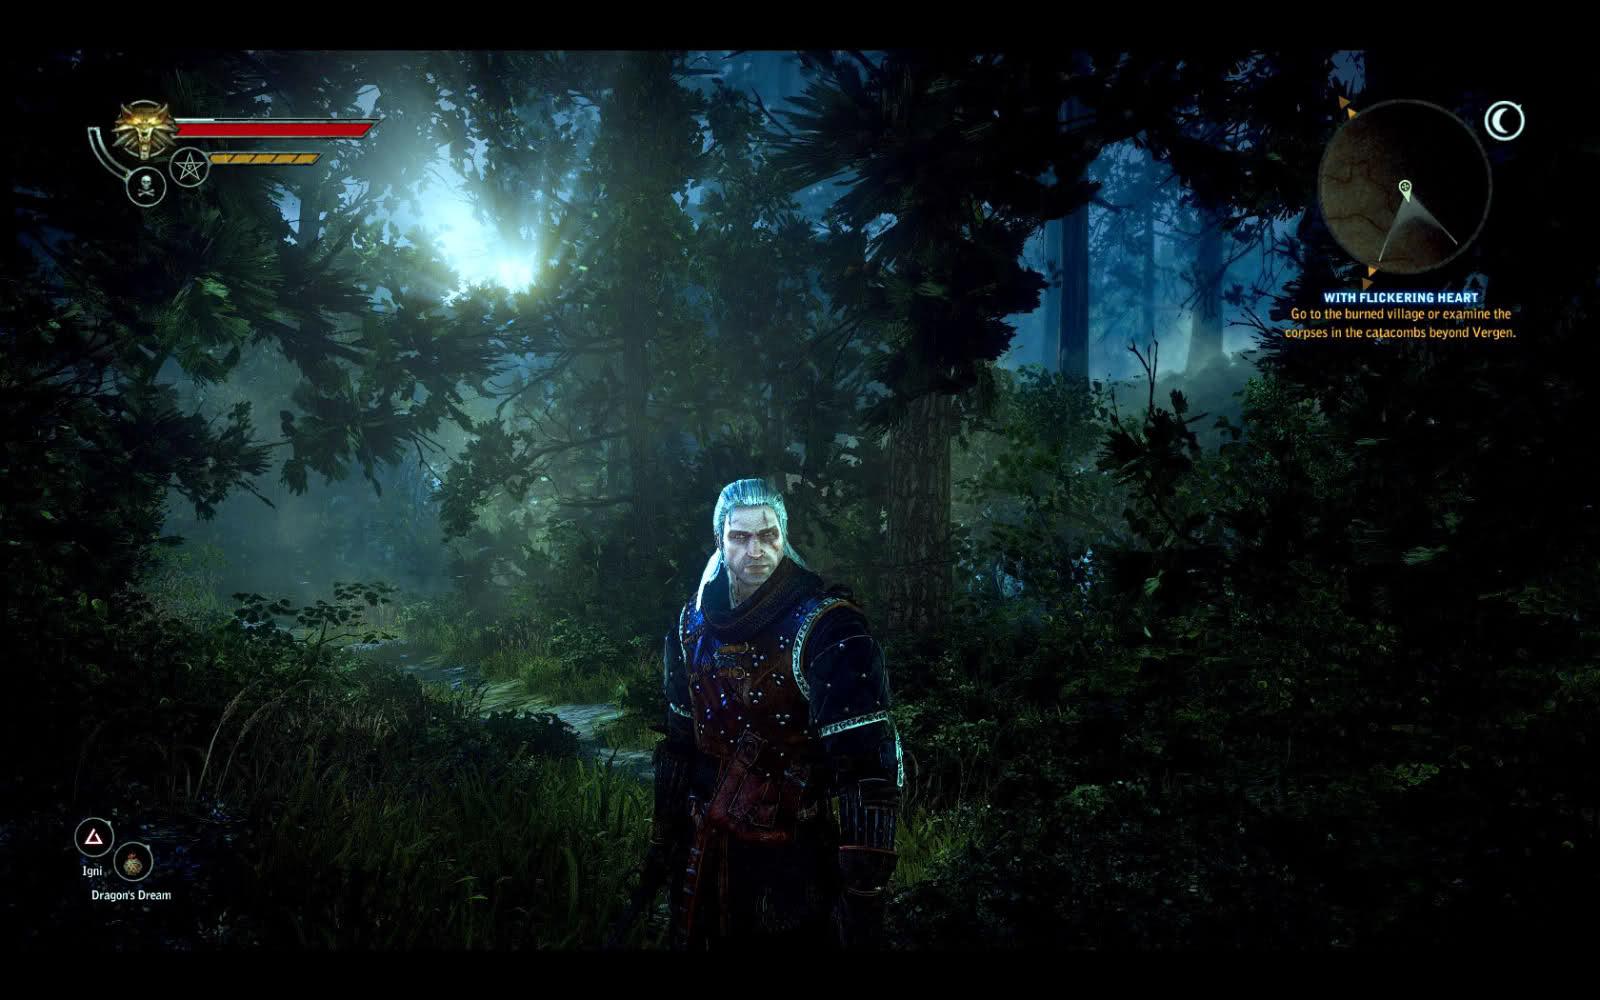 la verdad es que está muy bien el bosque